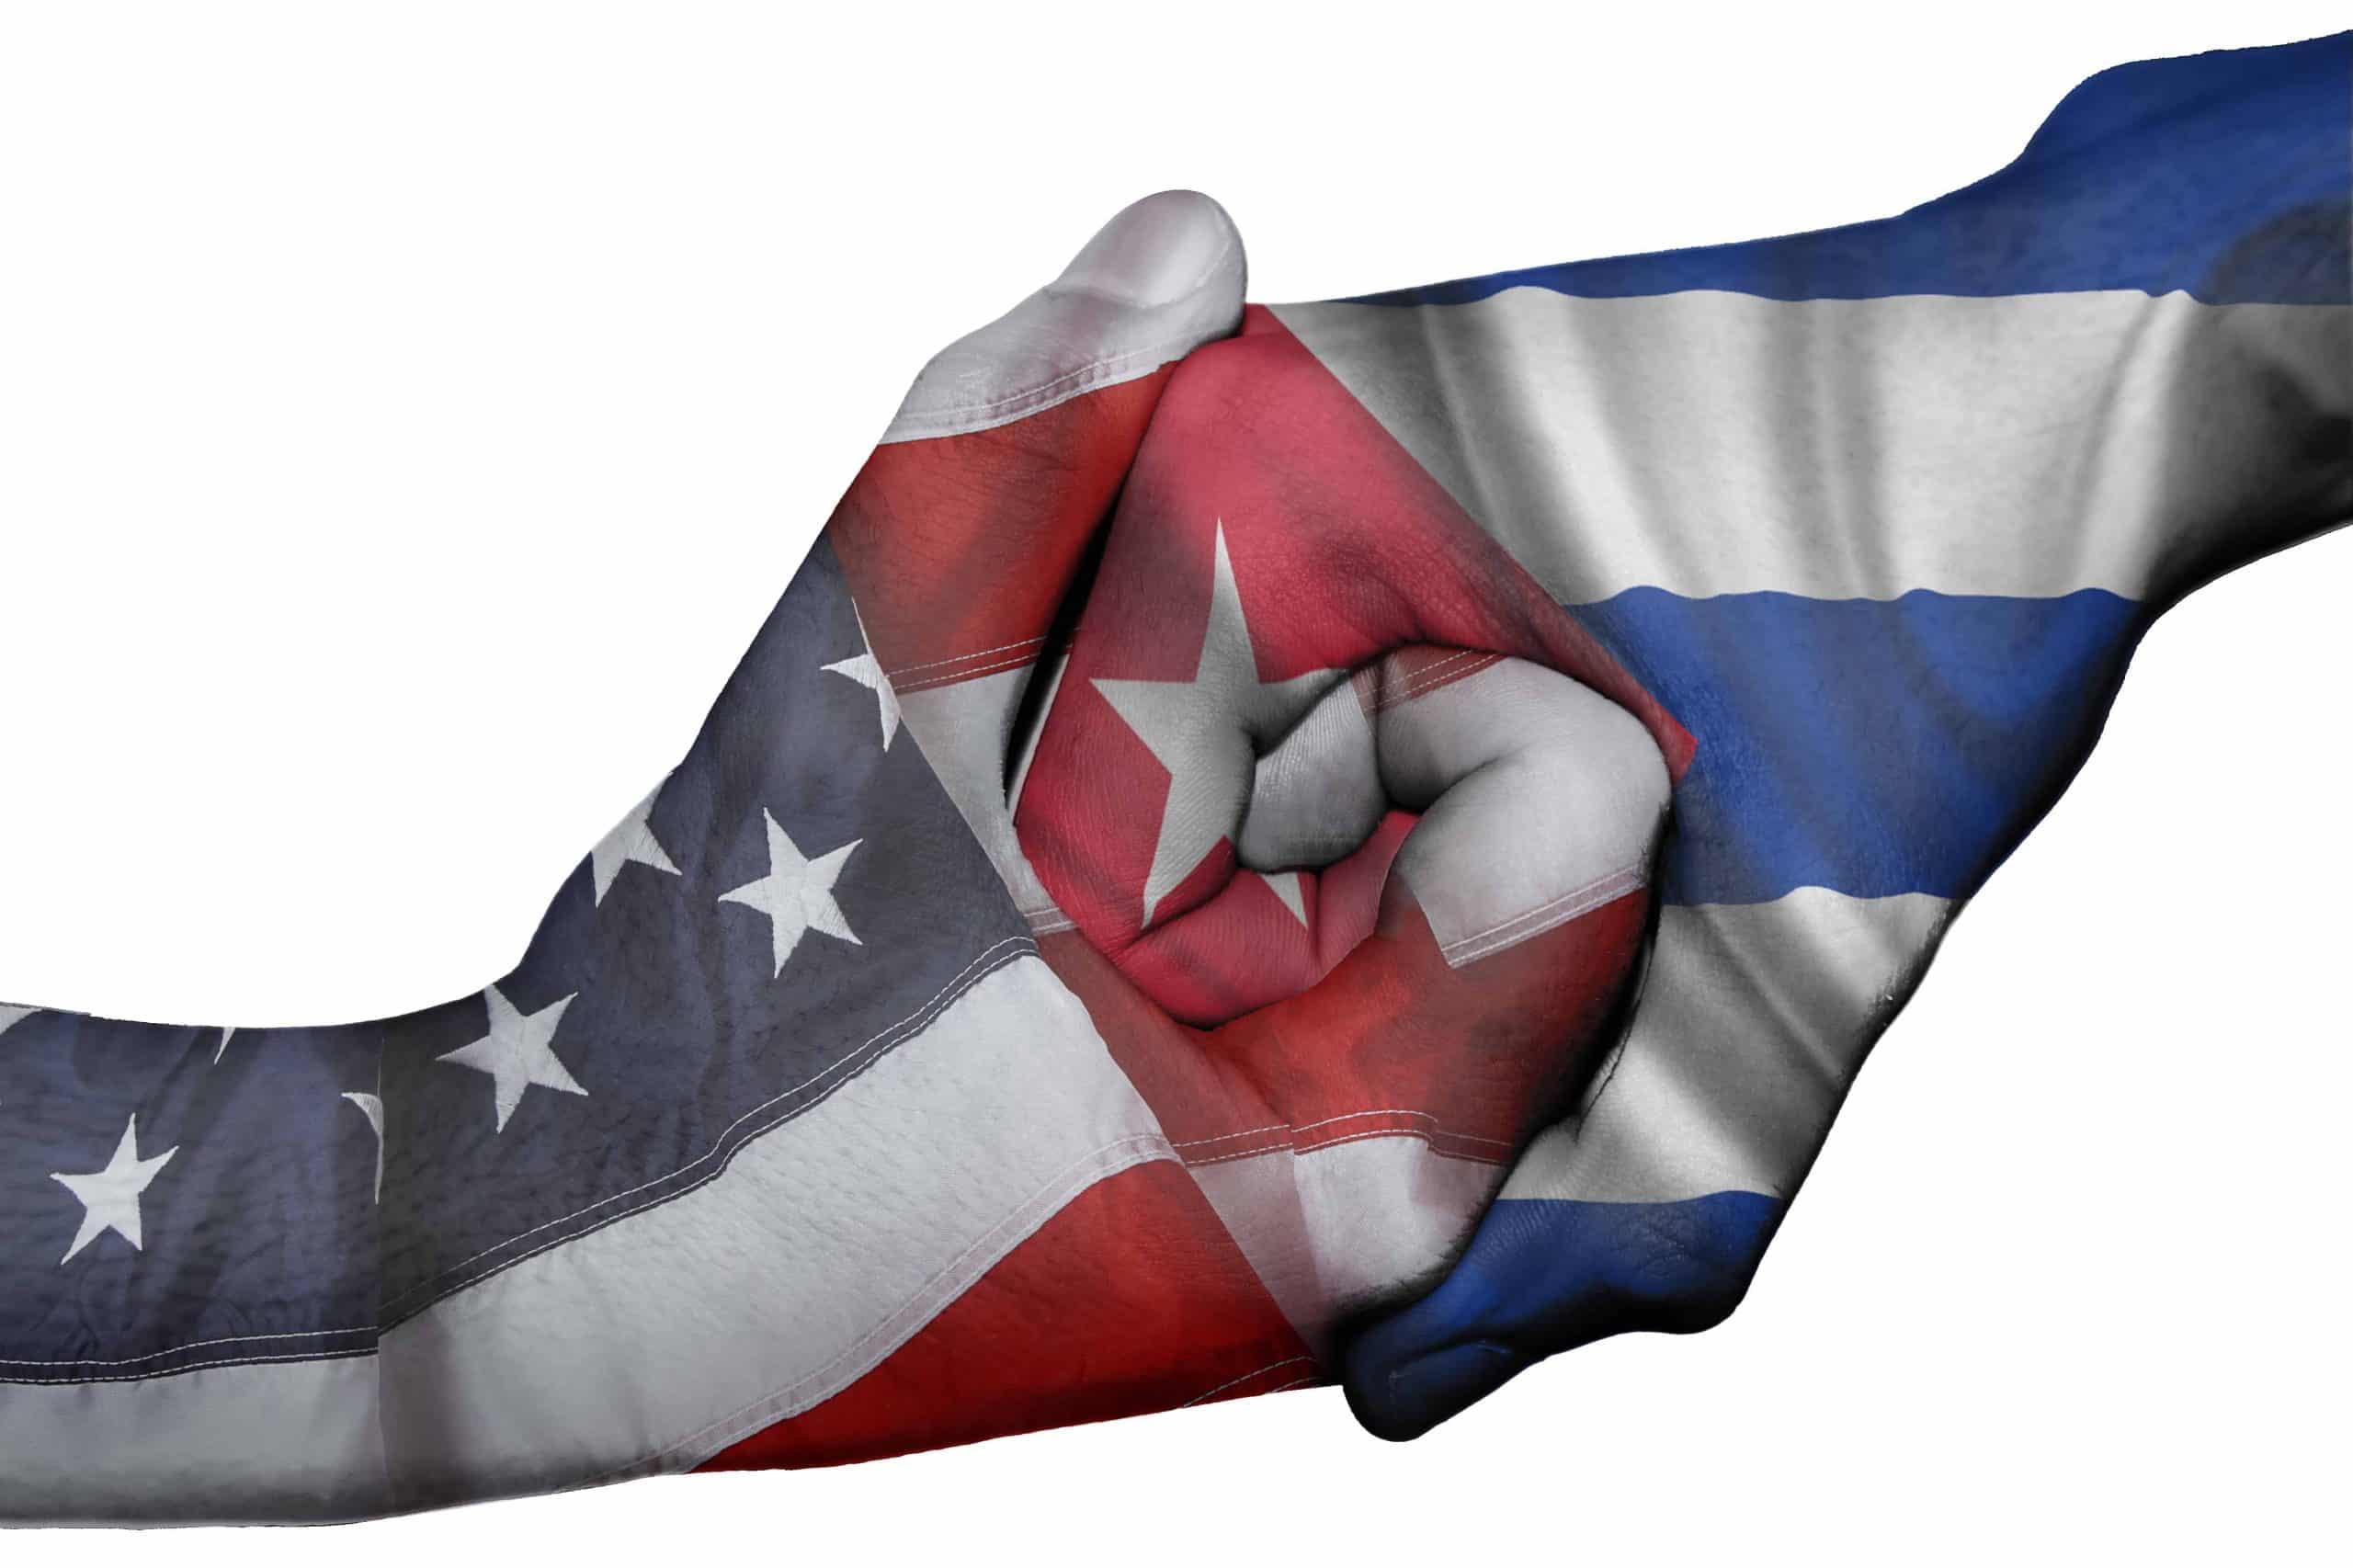 Håndtryk mellem USA og Cuba - Risskov Rejser